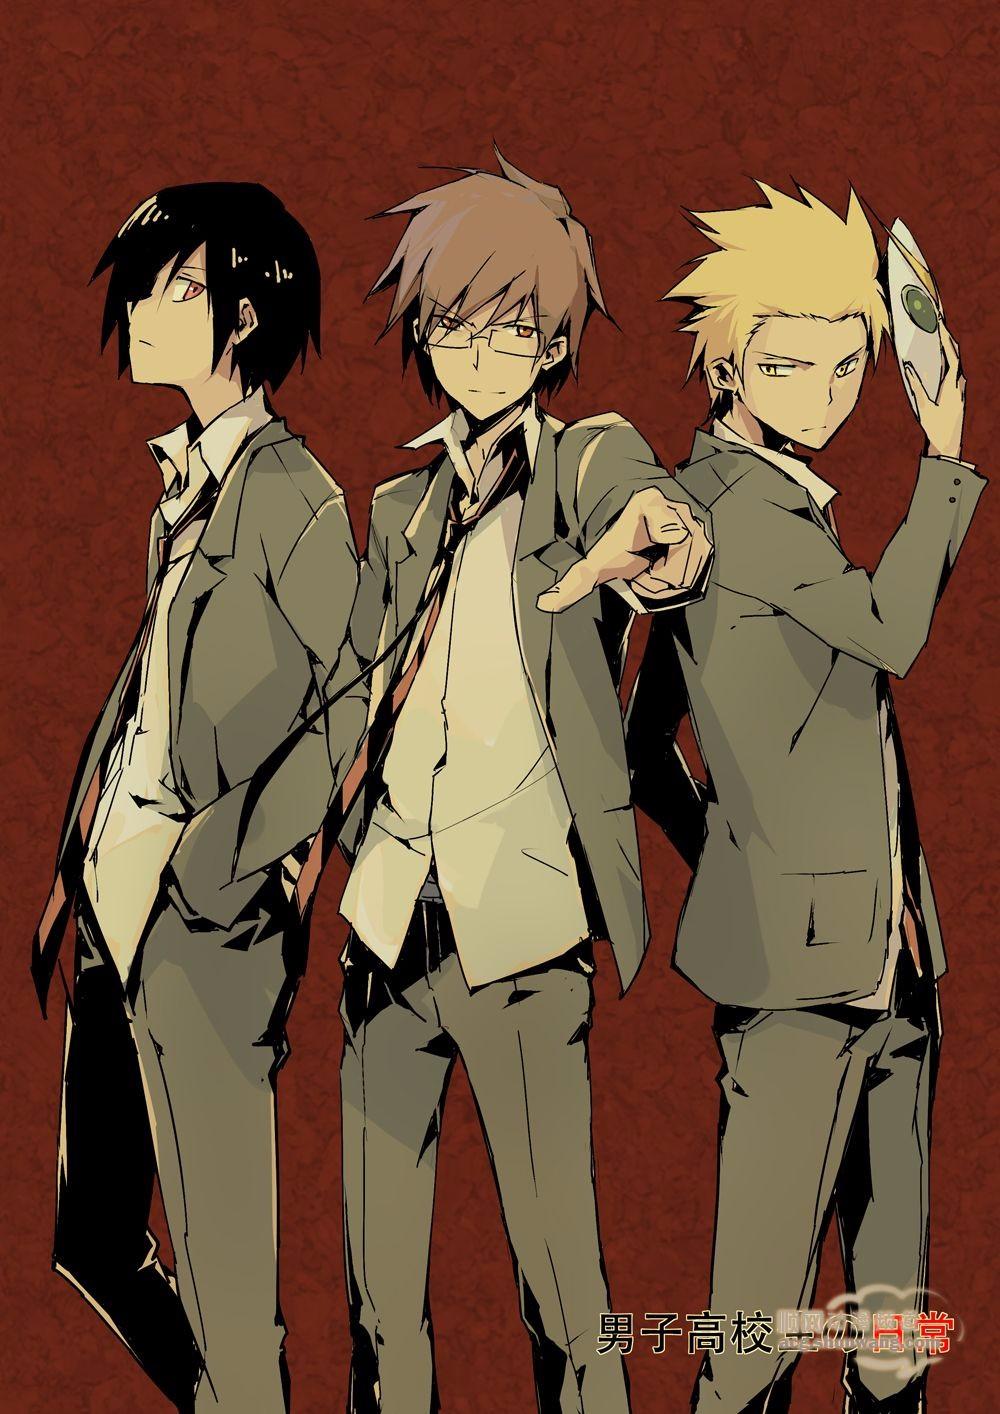 《男子高中生的日常》三个男主角,要不要我帮你截图?